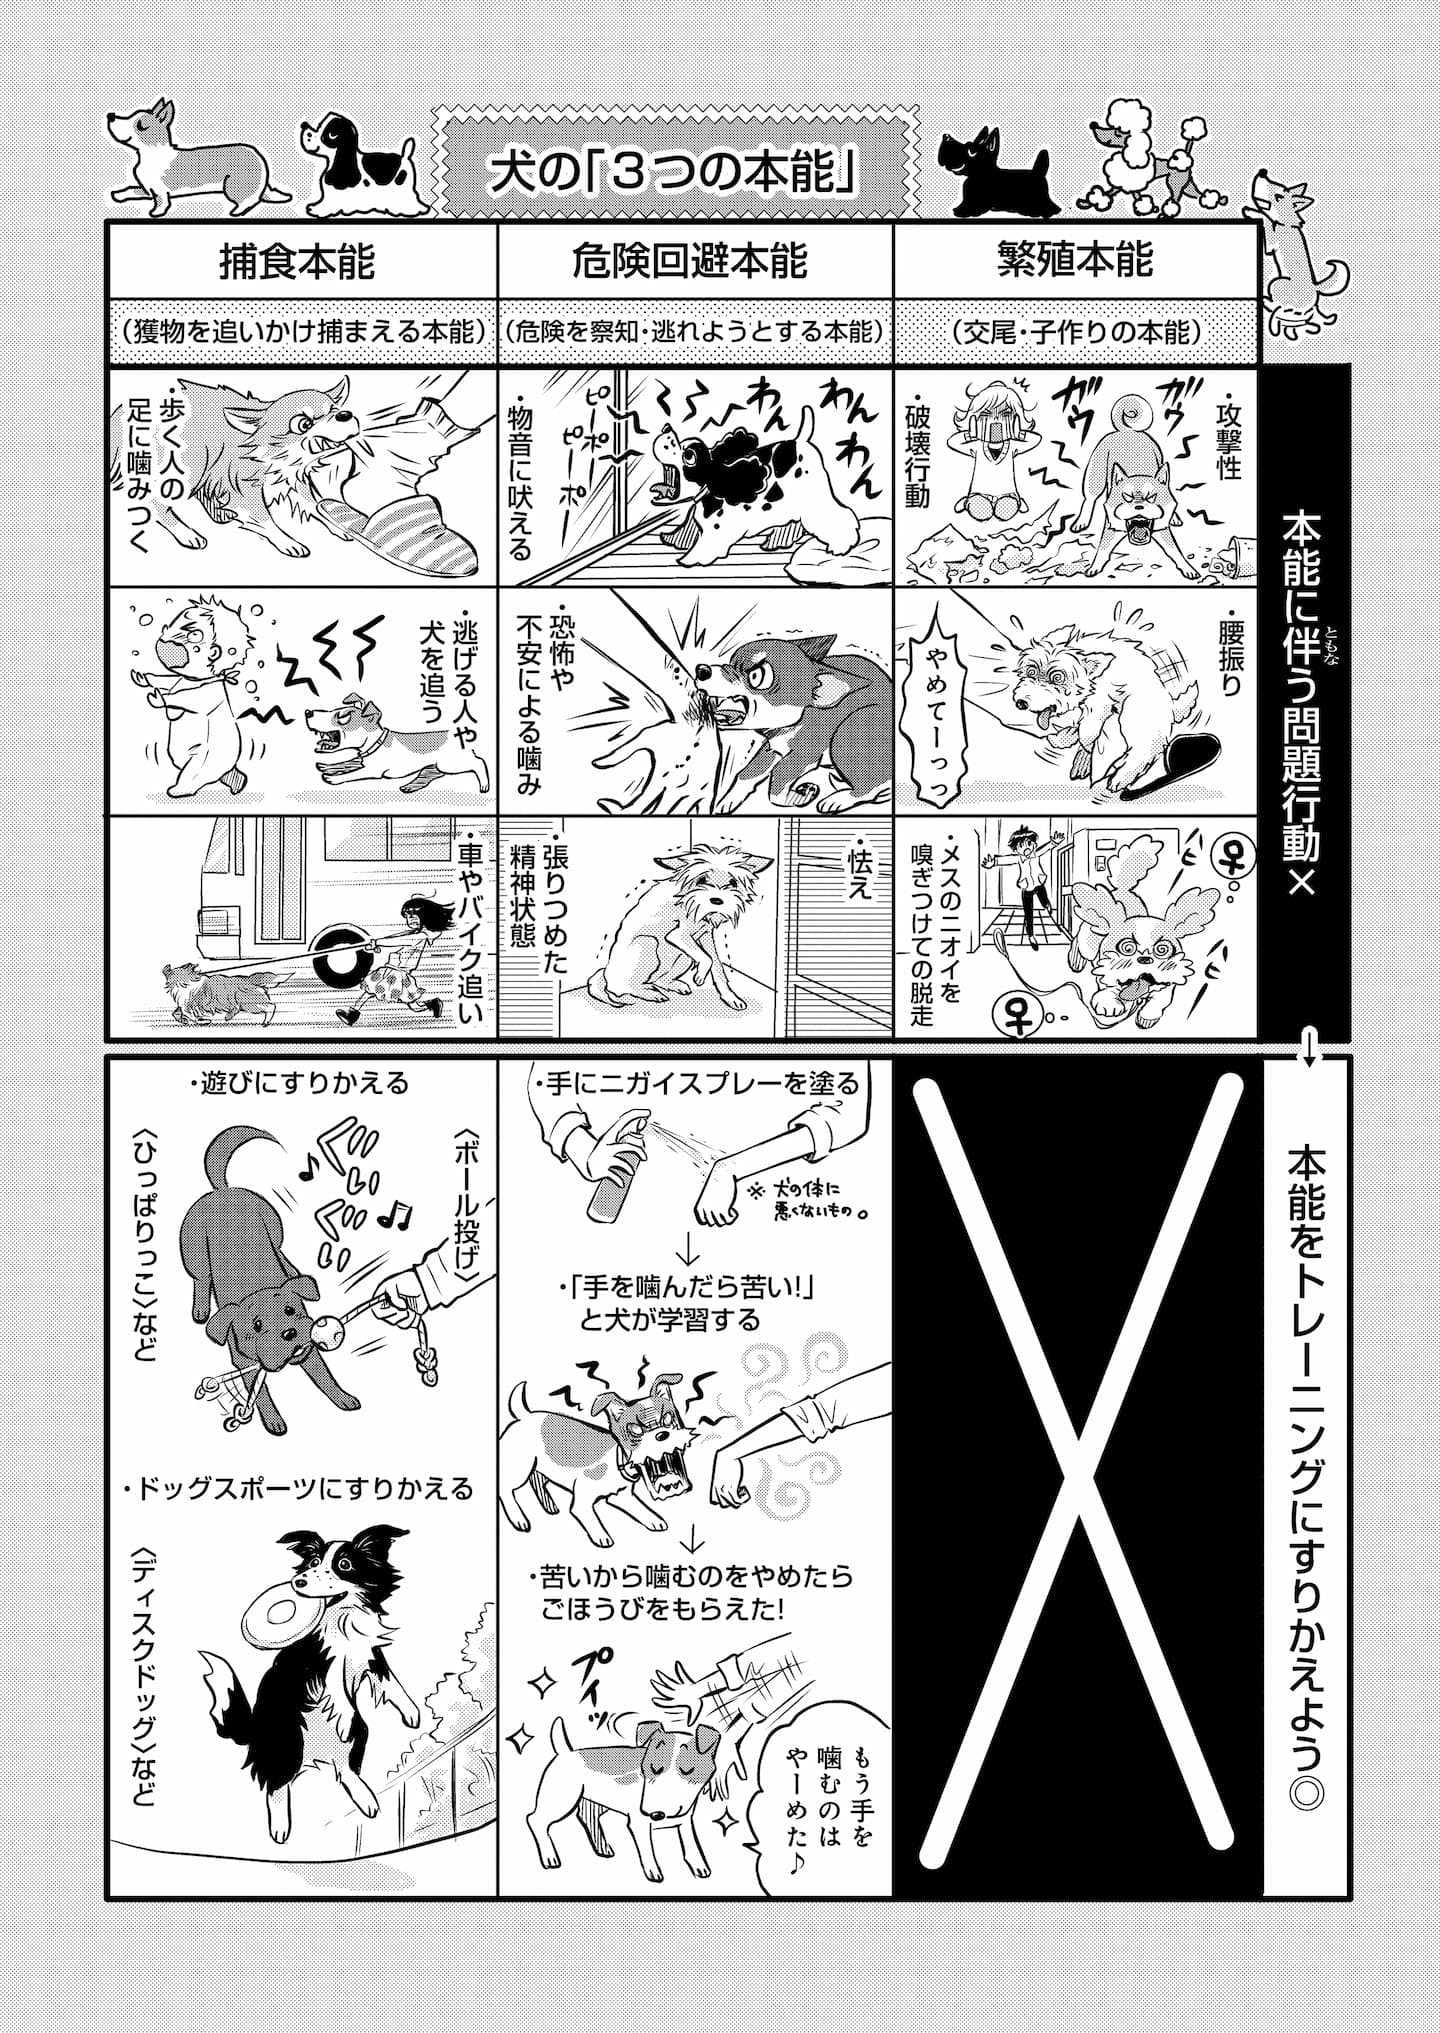 『DOG SIGNAL』6話目① 10ページ目